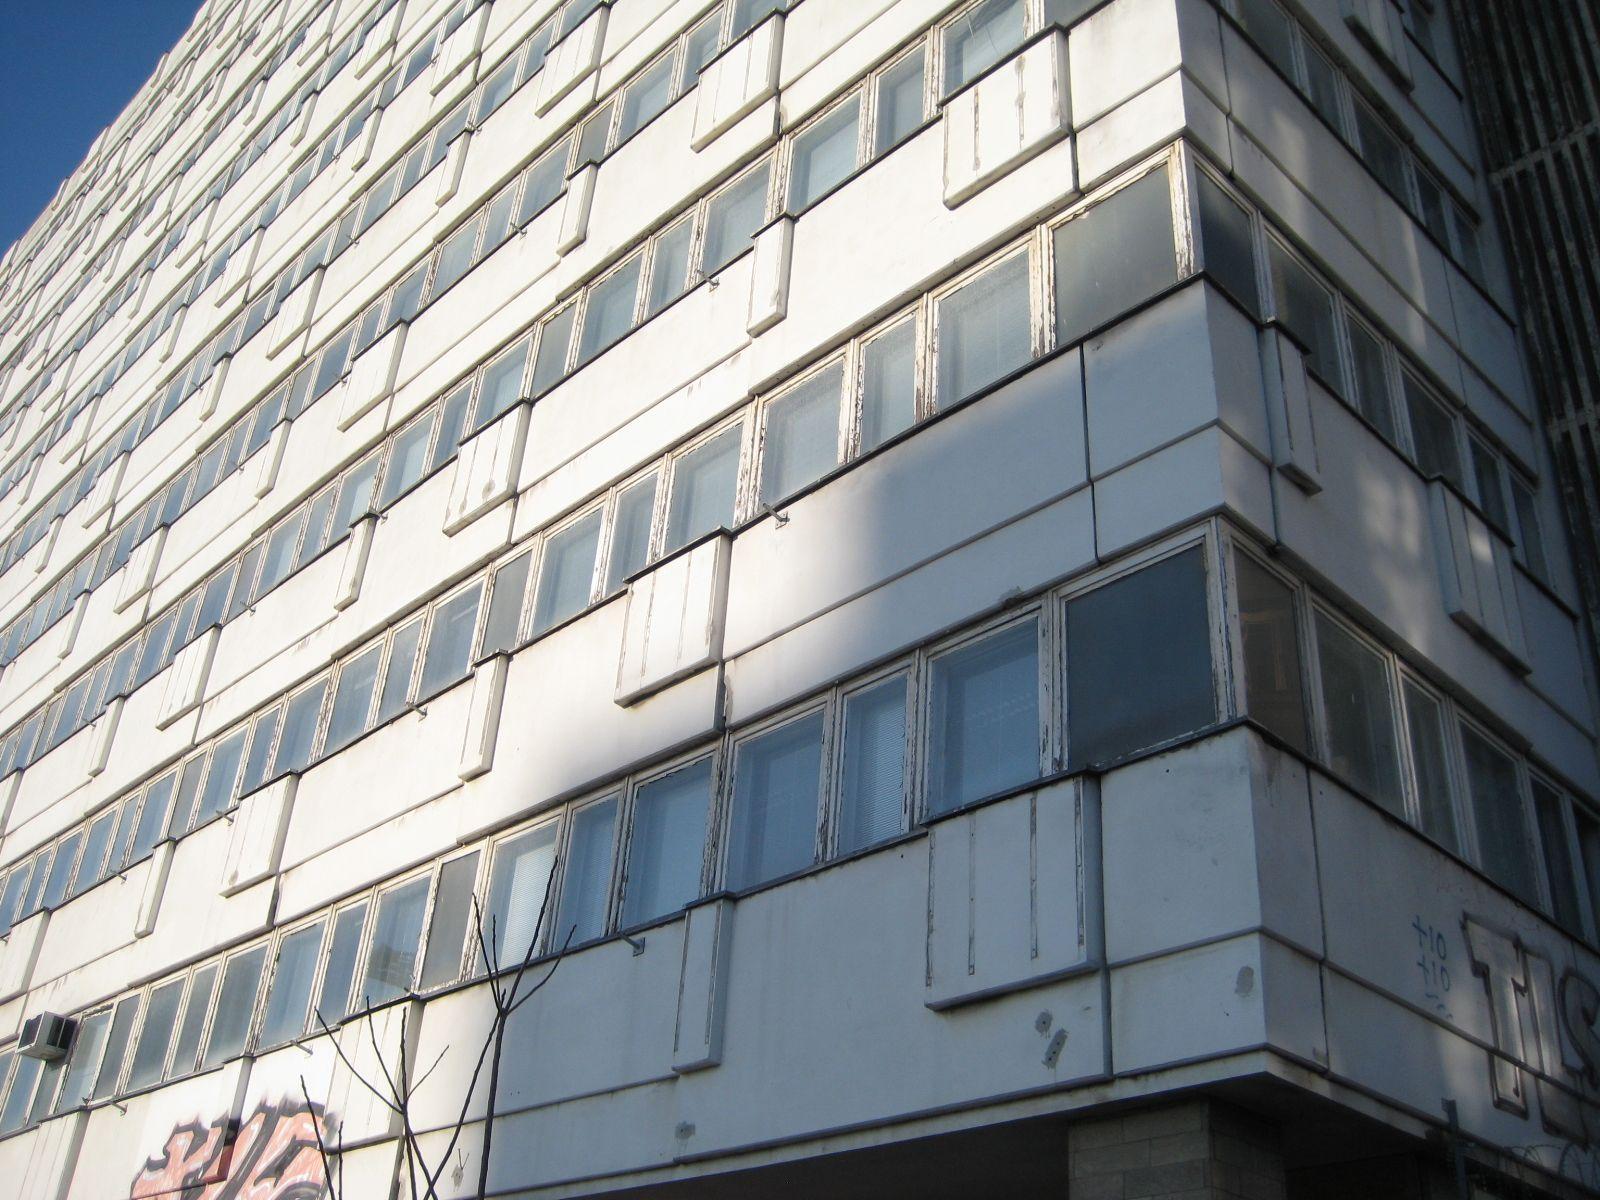 Manfred Hörner, Haus der Statistik, Alexanderplatz, 1968-70